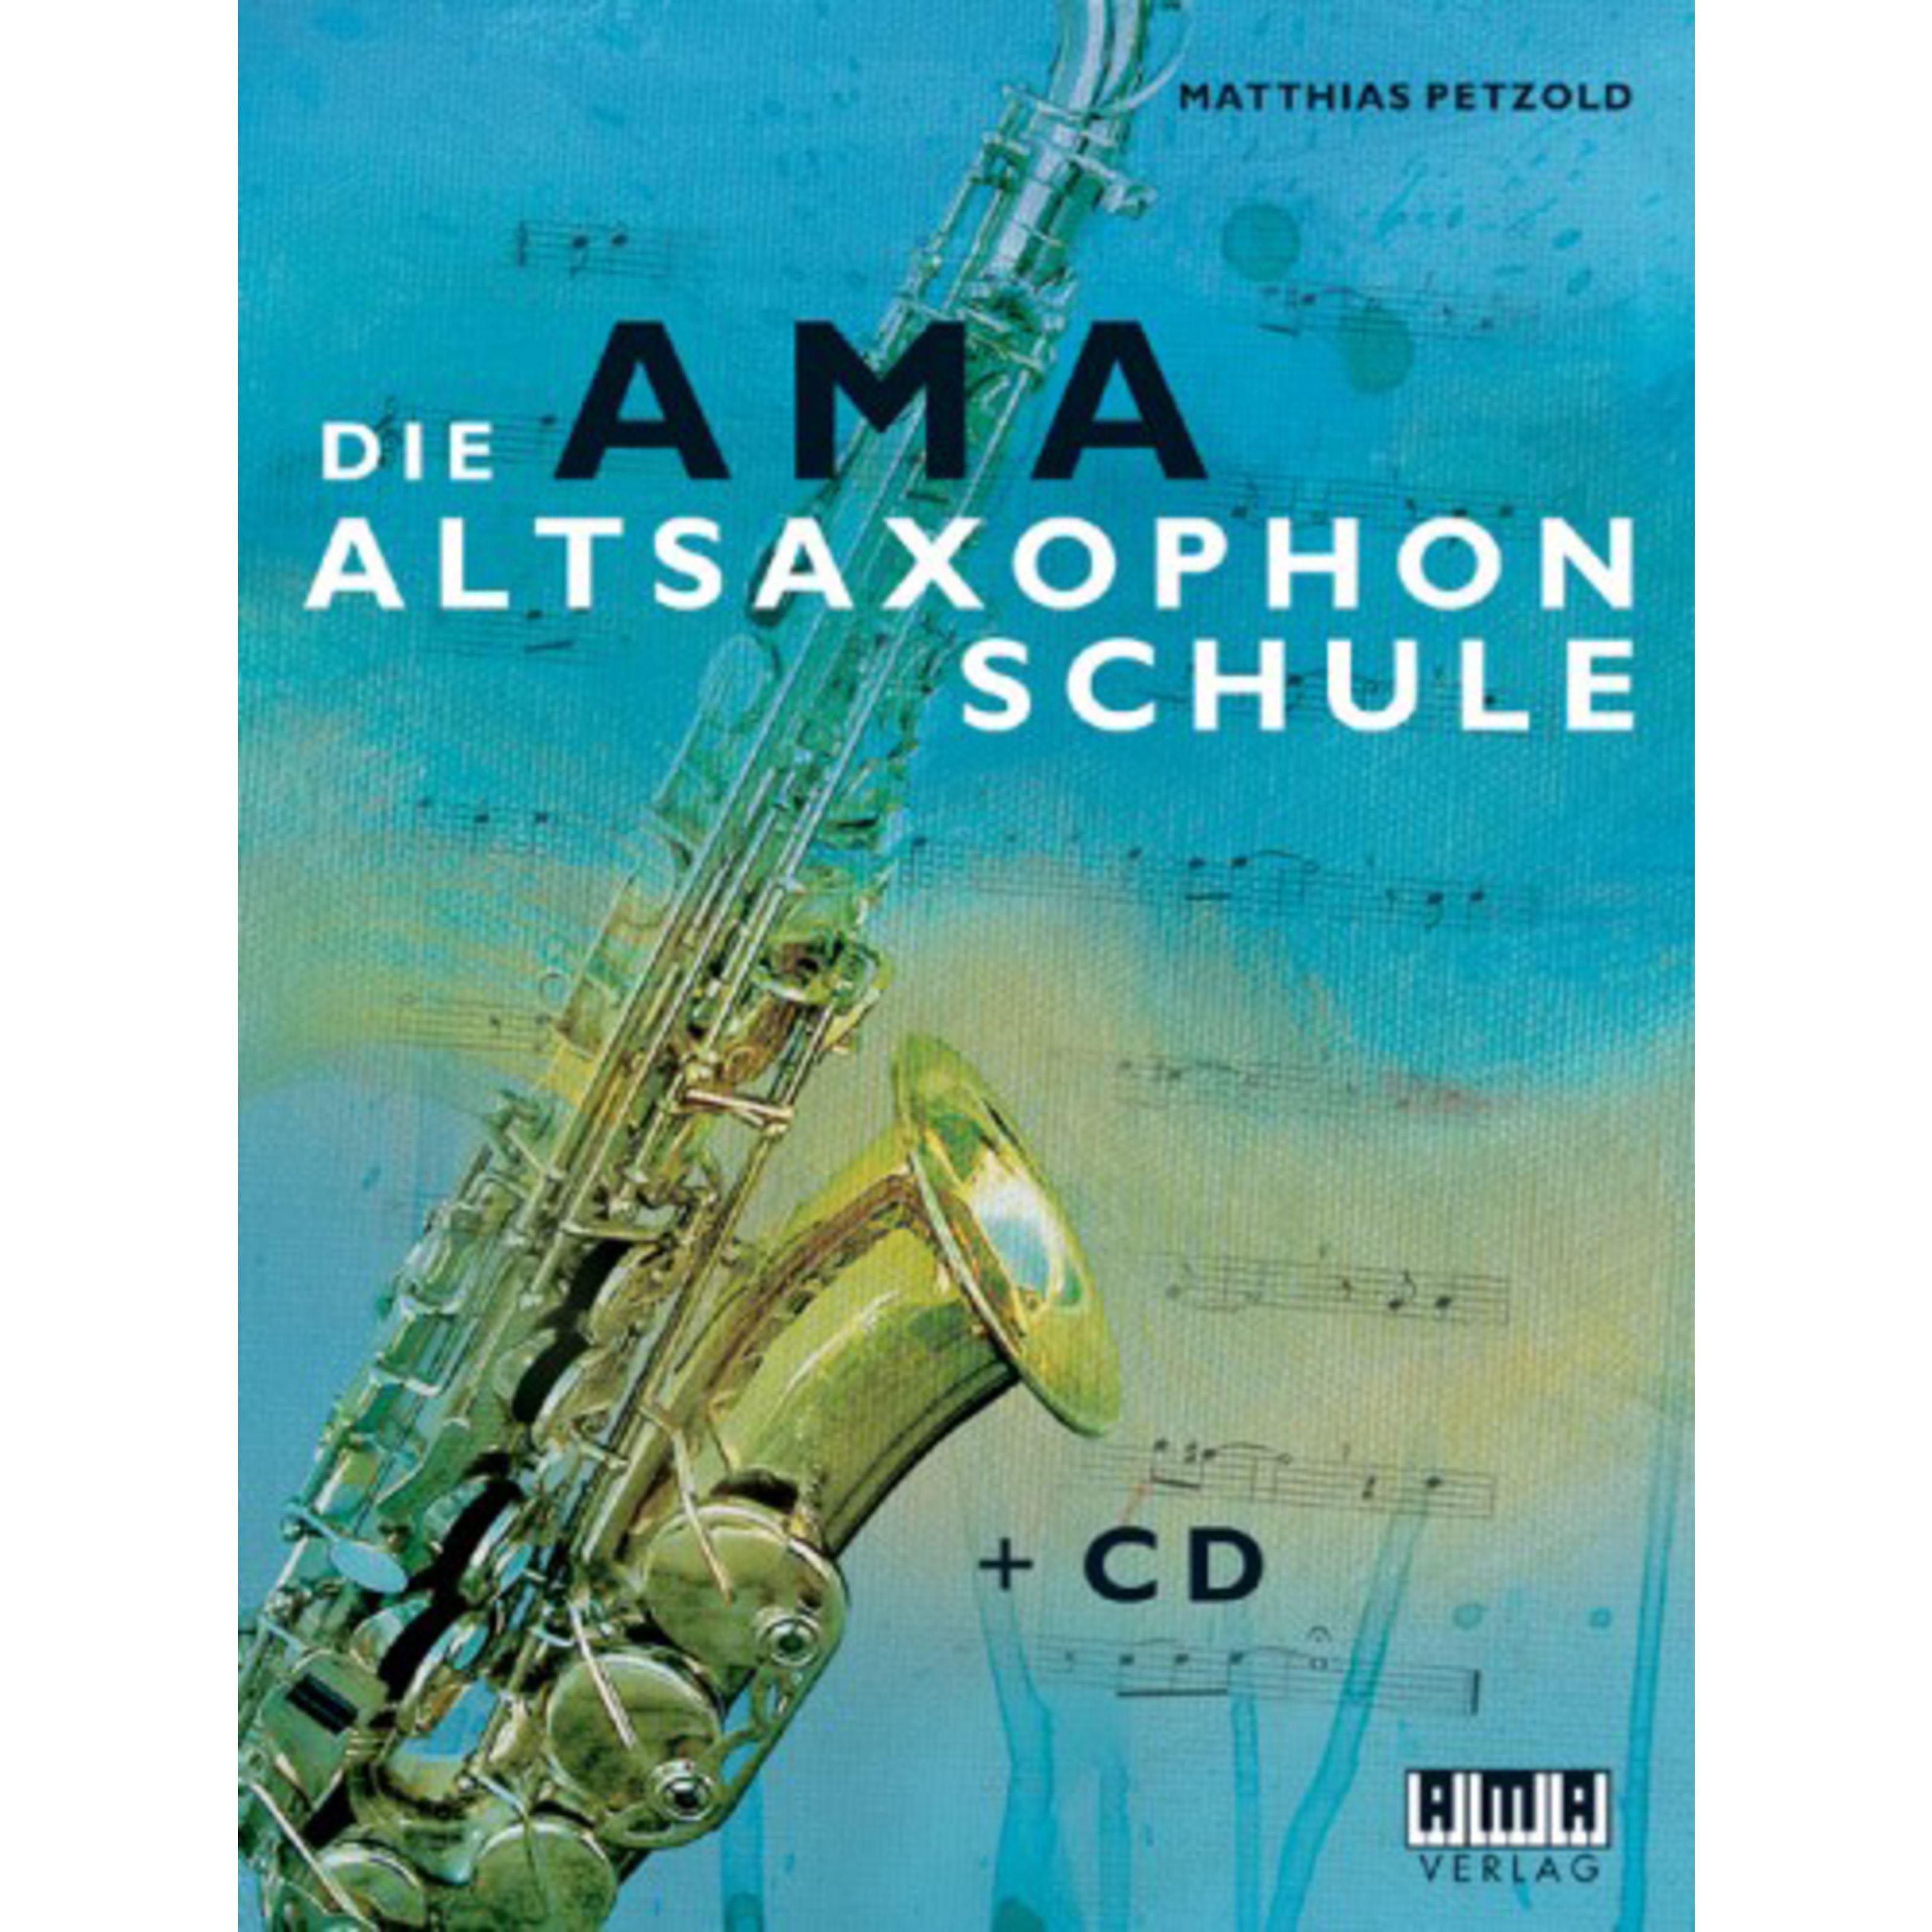 AMA Verlag - Die AMA-Altsaxophonschule Matthias Petzold, inkl. CD